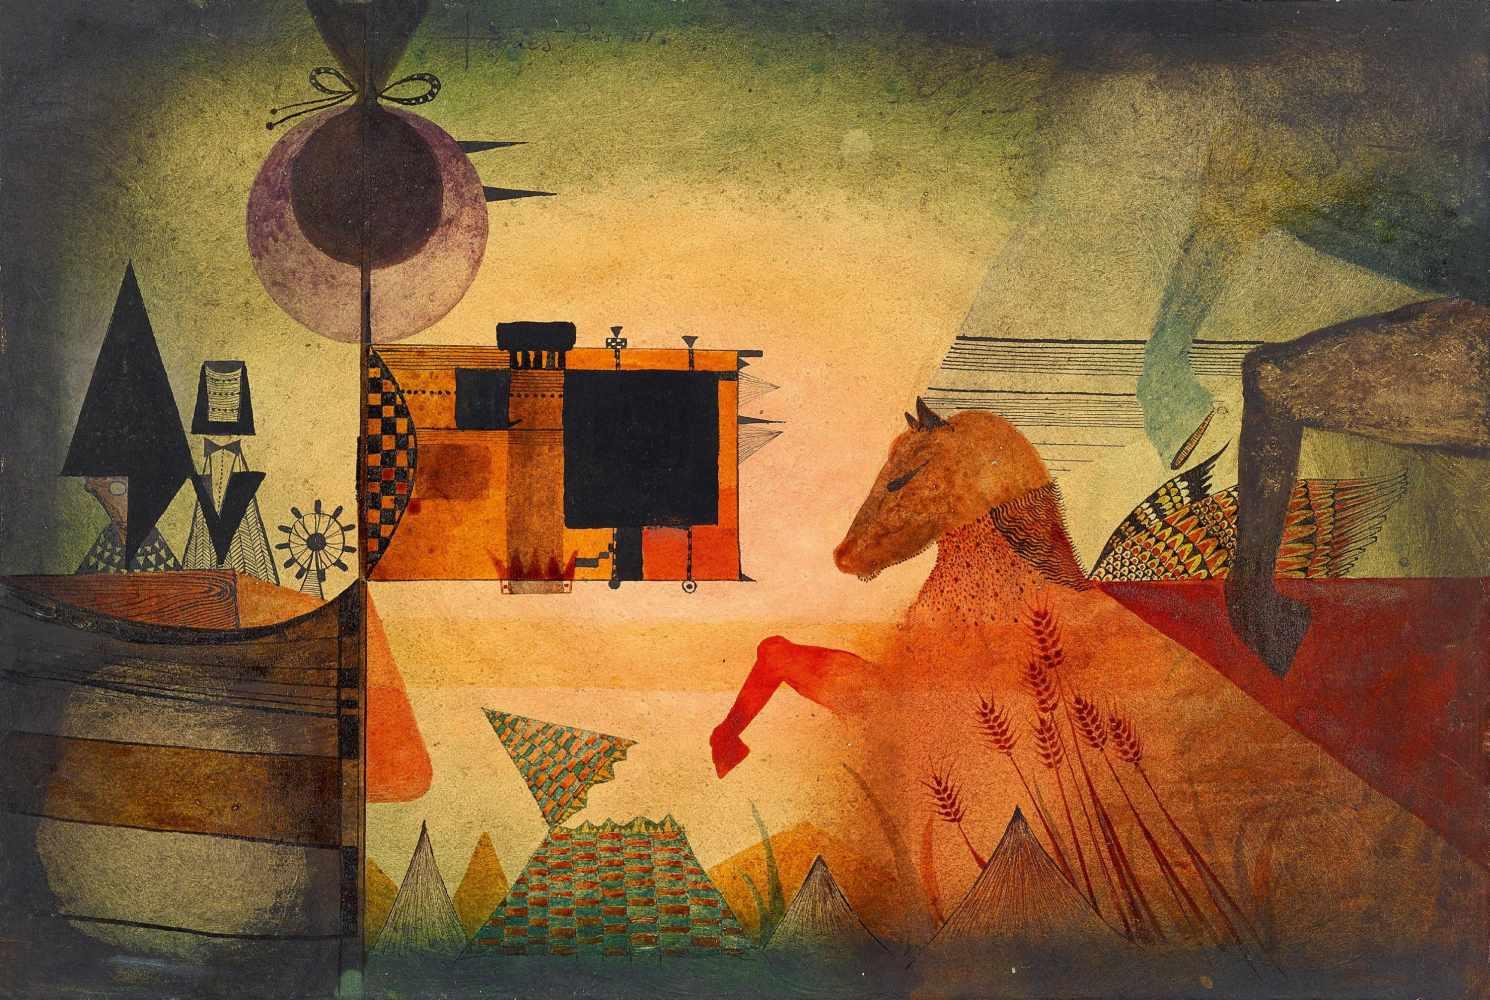 Composición Surrealista (1951) - Antoni Tàpies